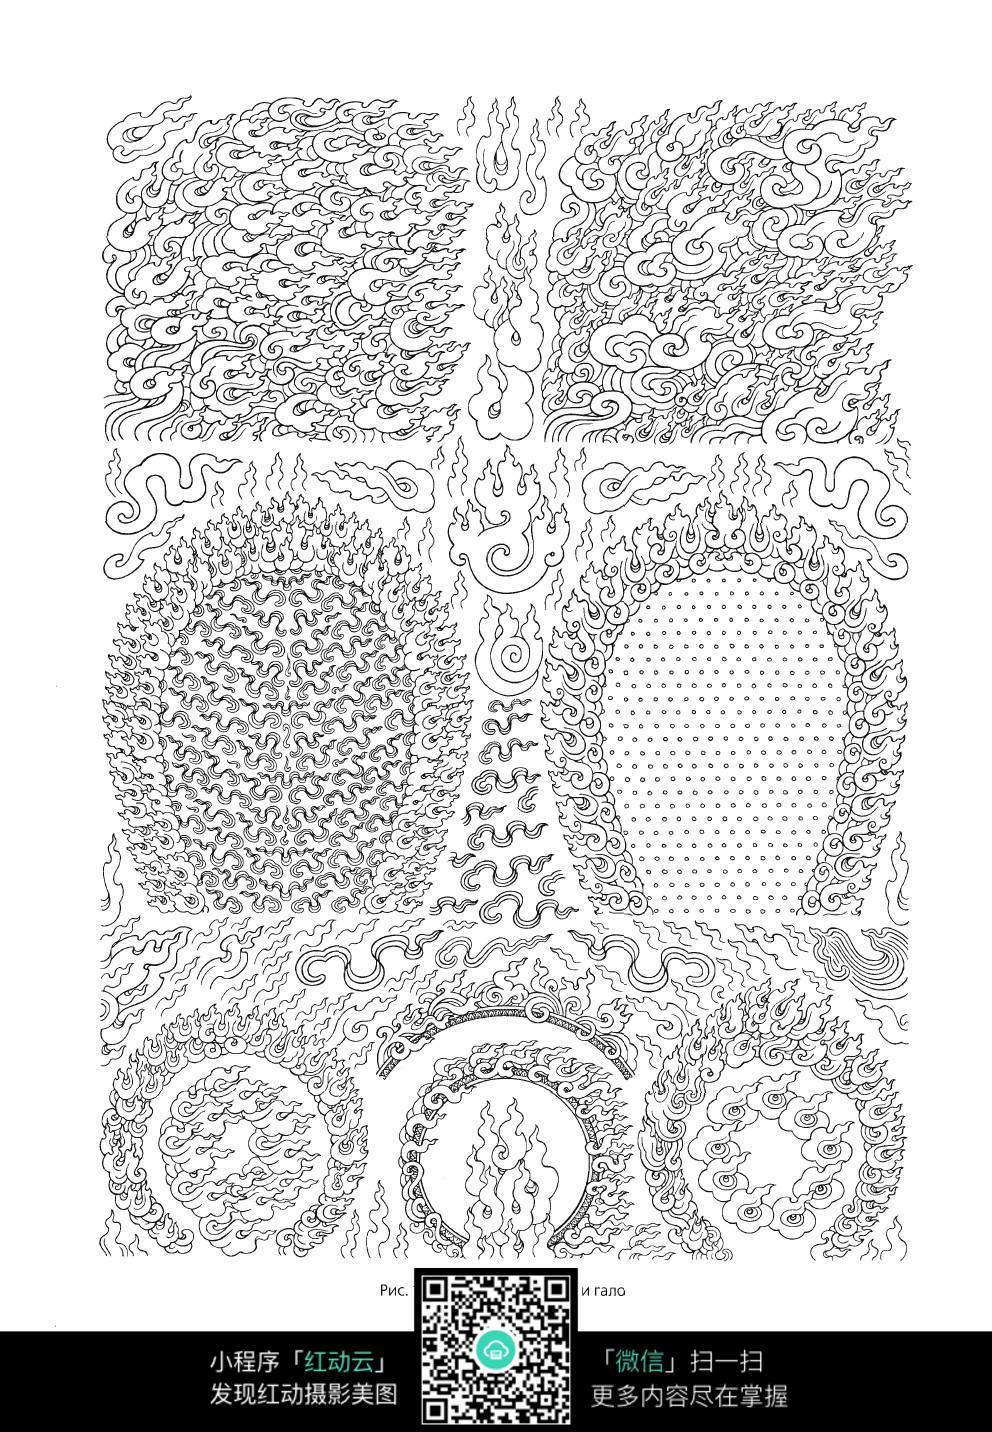 火纹手绘线描图形